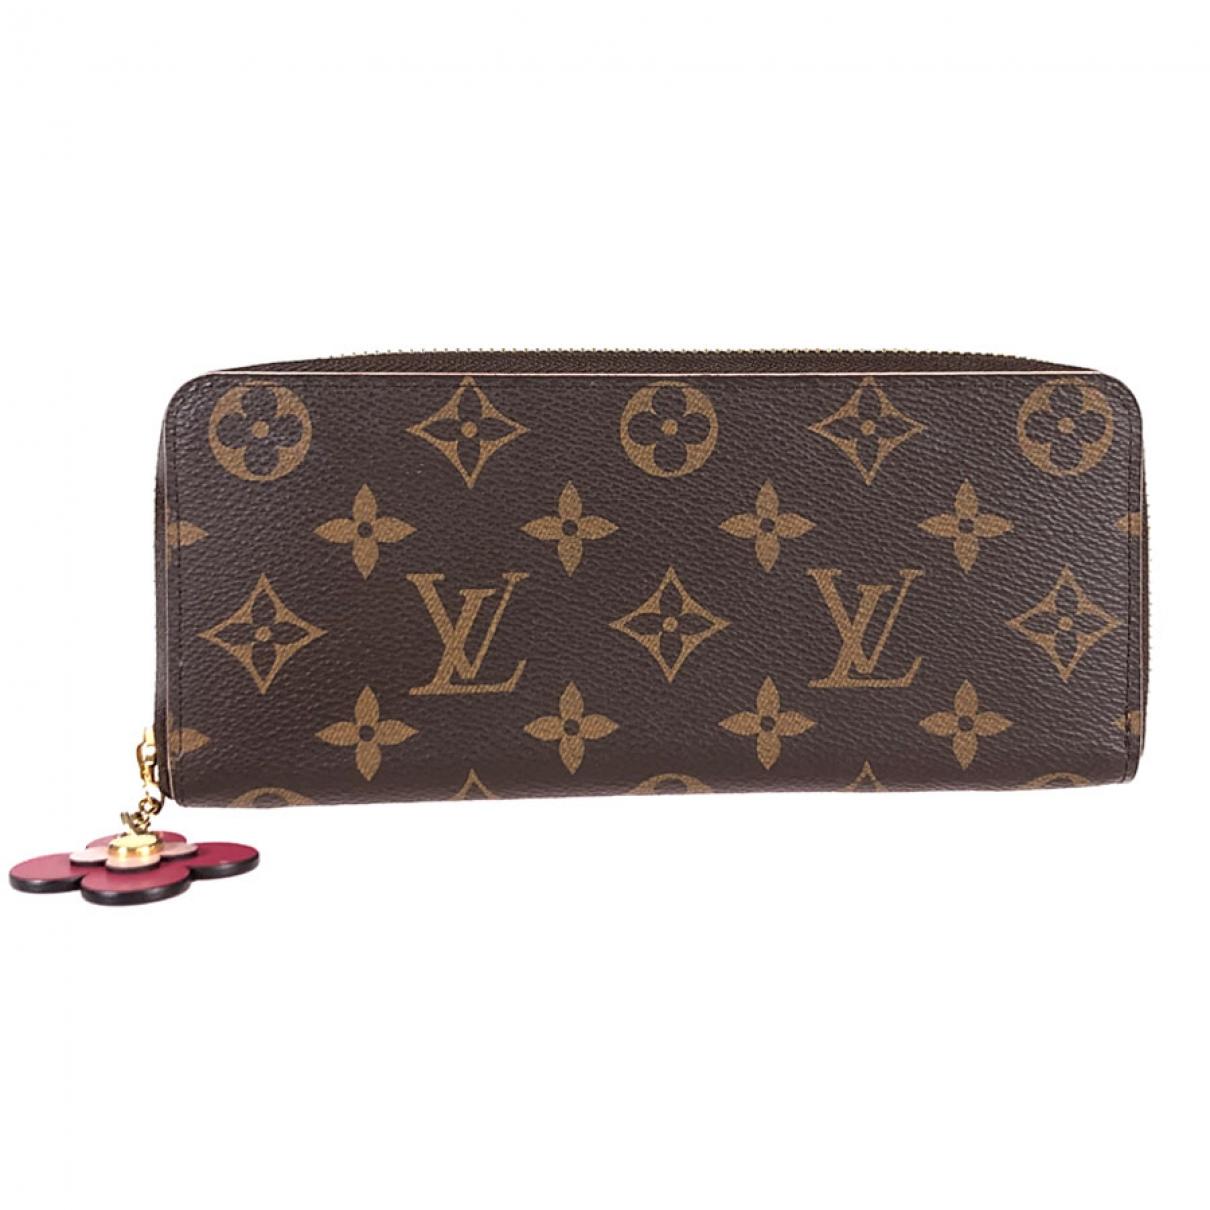 Louis Vuitton - Portefeuille Clemence pour femme en toile - marron